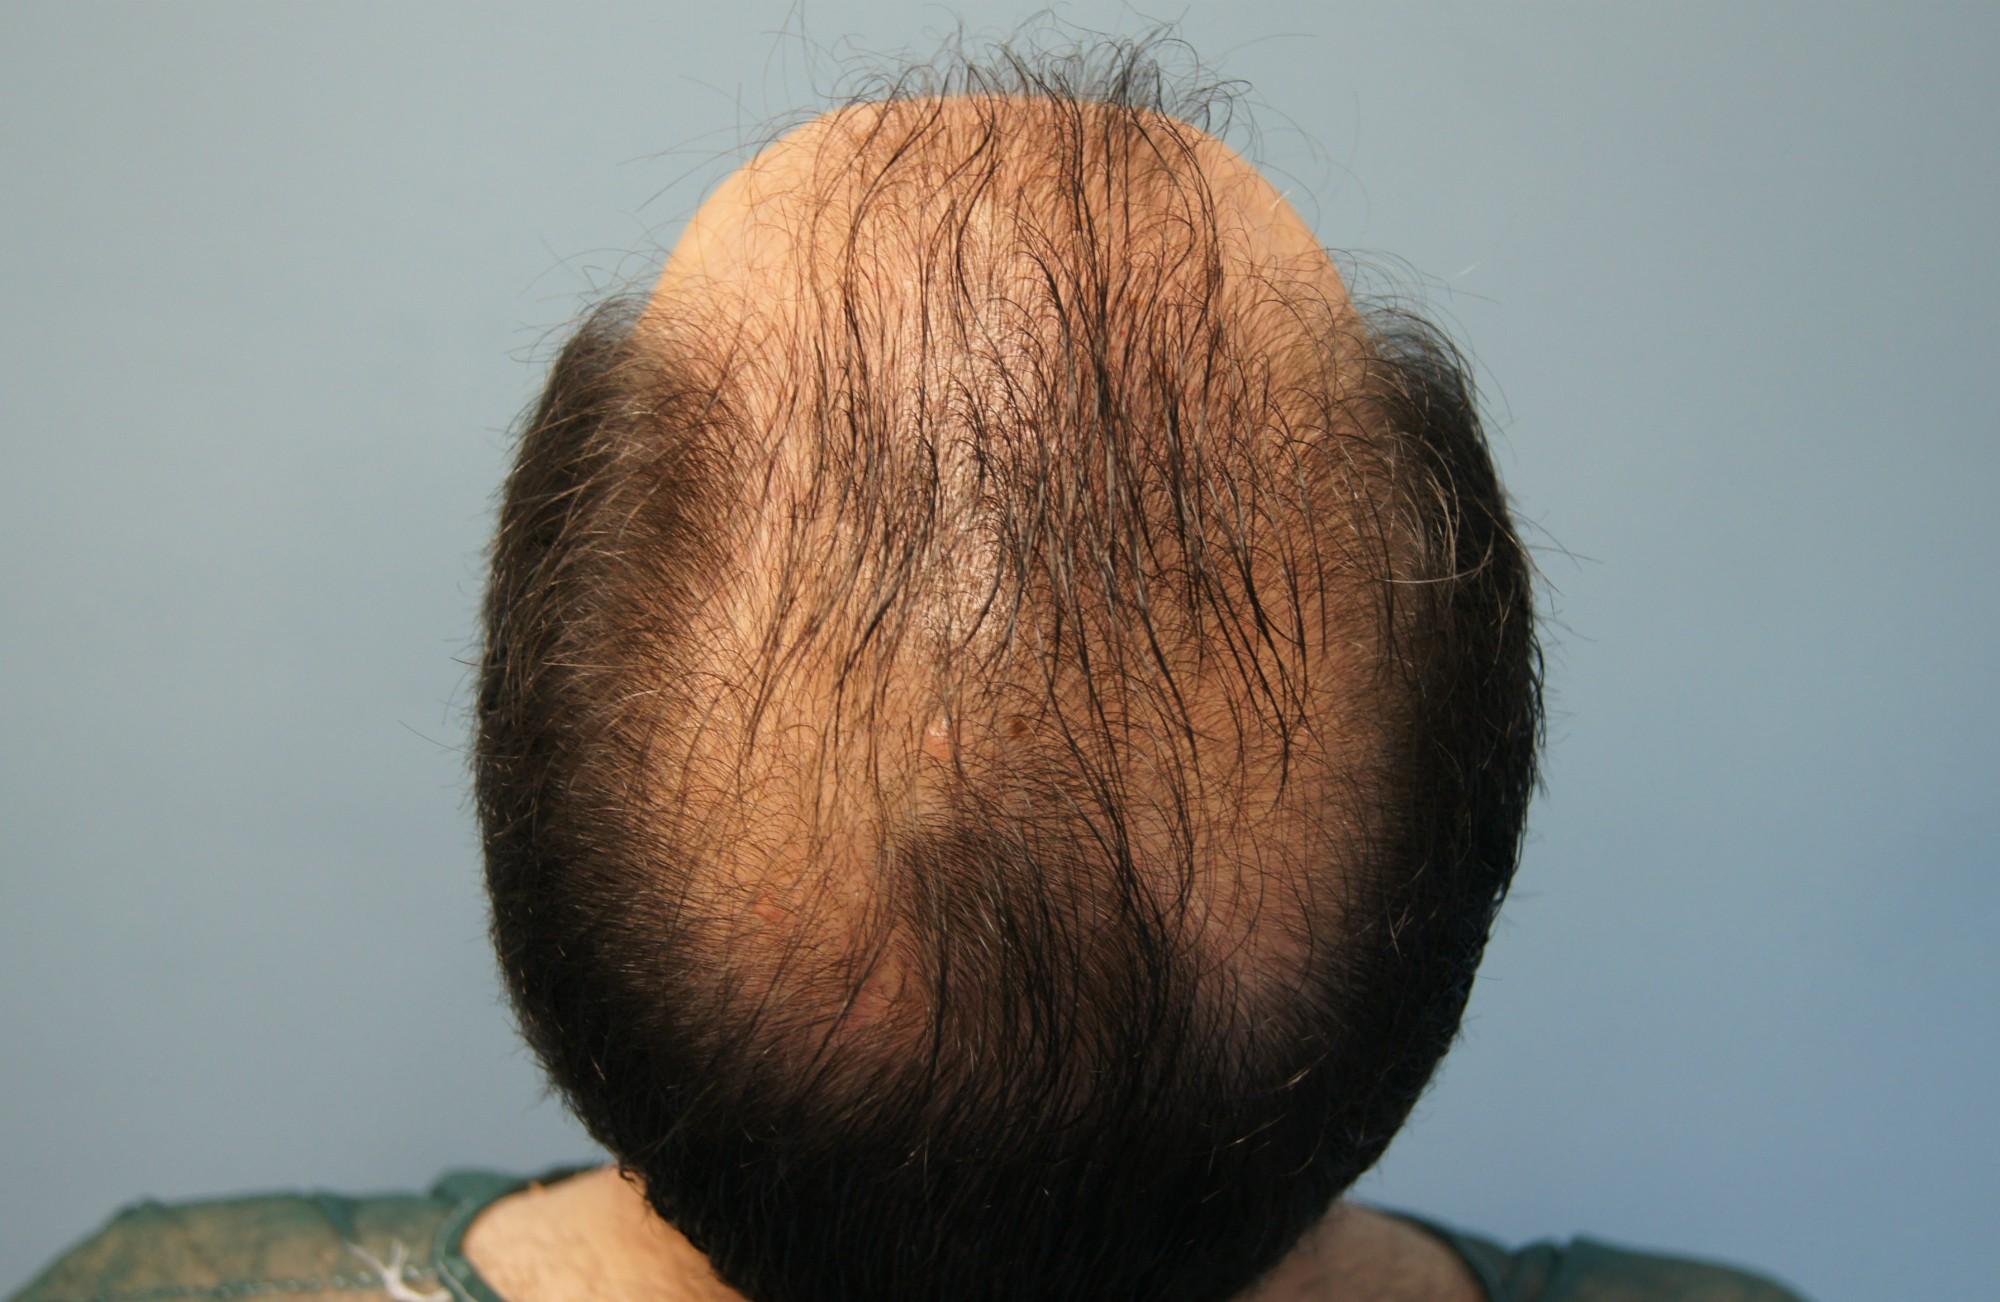 κορυφη ασθενους πριν τη μεταμοσχευση μαλλιων με 3000 fus